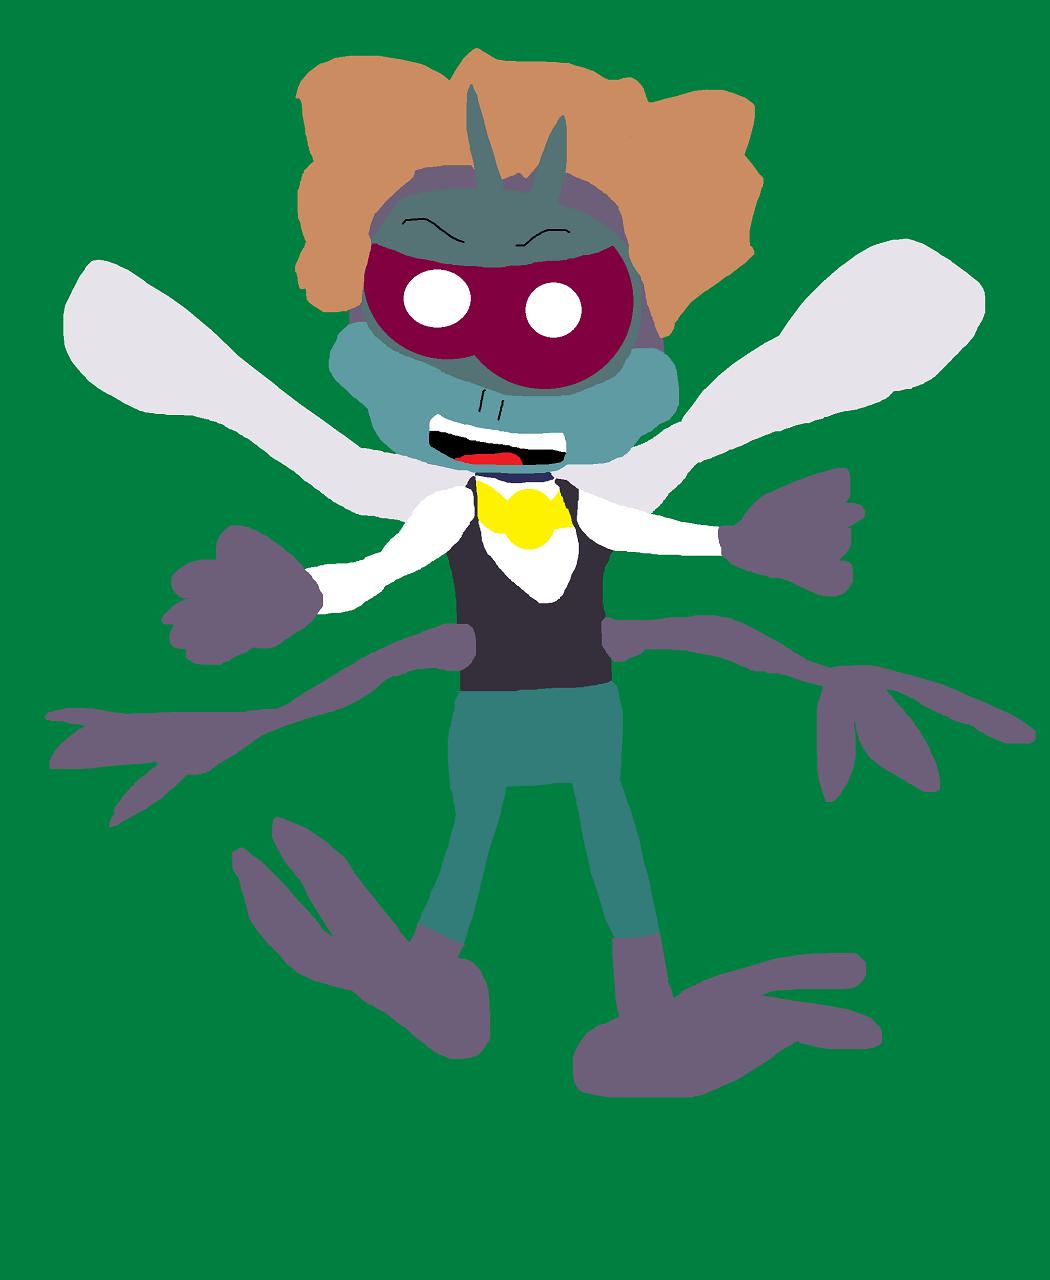 Baxter Stockfly Again by Falconlobo